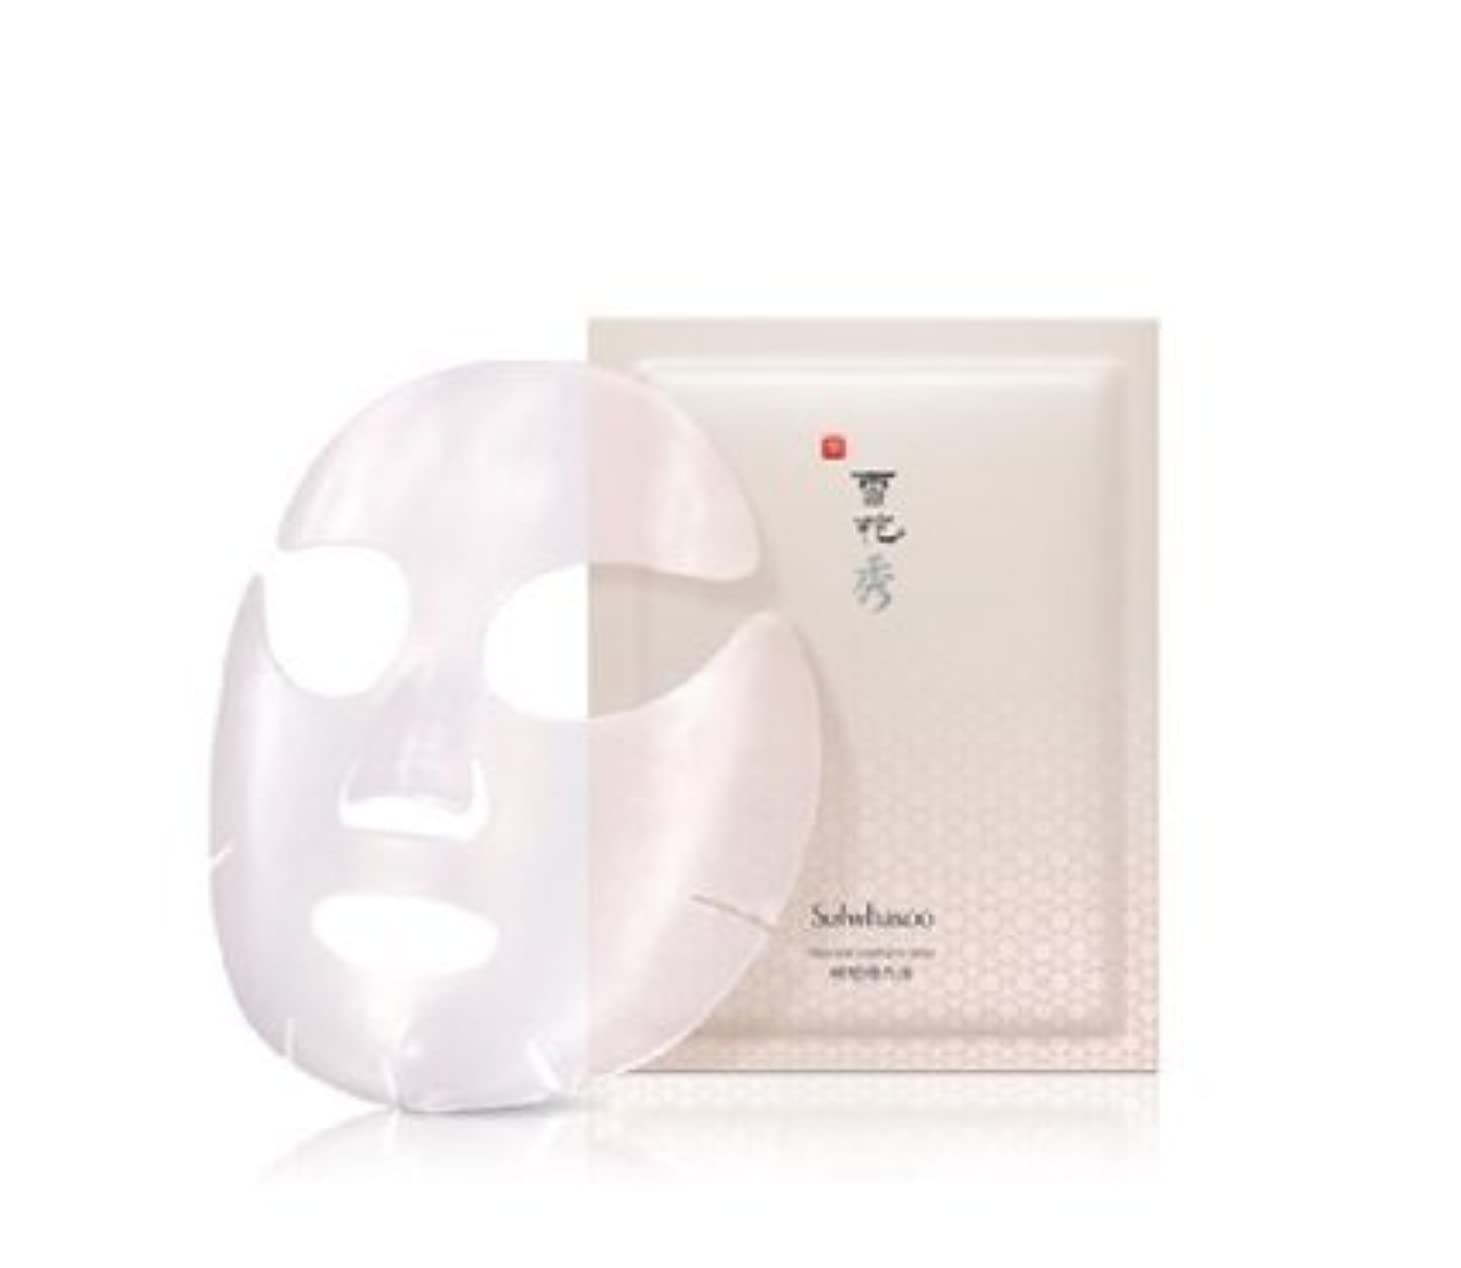 ポジティブぴったり宣教師[Sulwhasoo] Innerise Complete Mask (Yeo Min Mask) / 18g x 10 Sheets[並行輸入品]